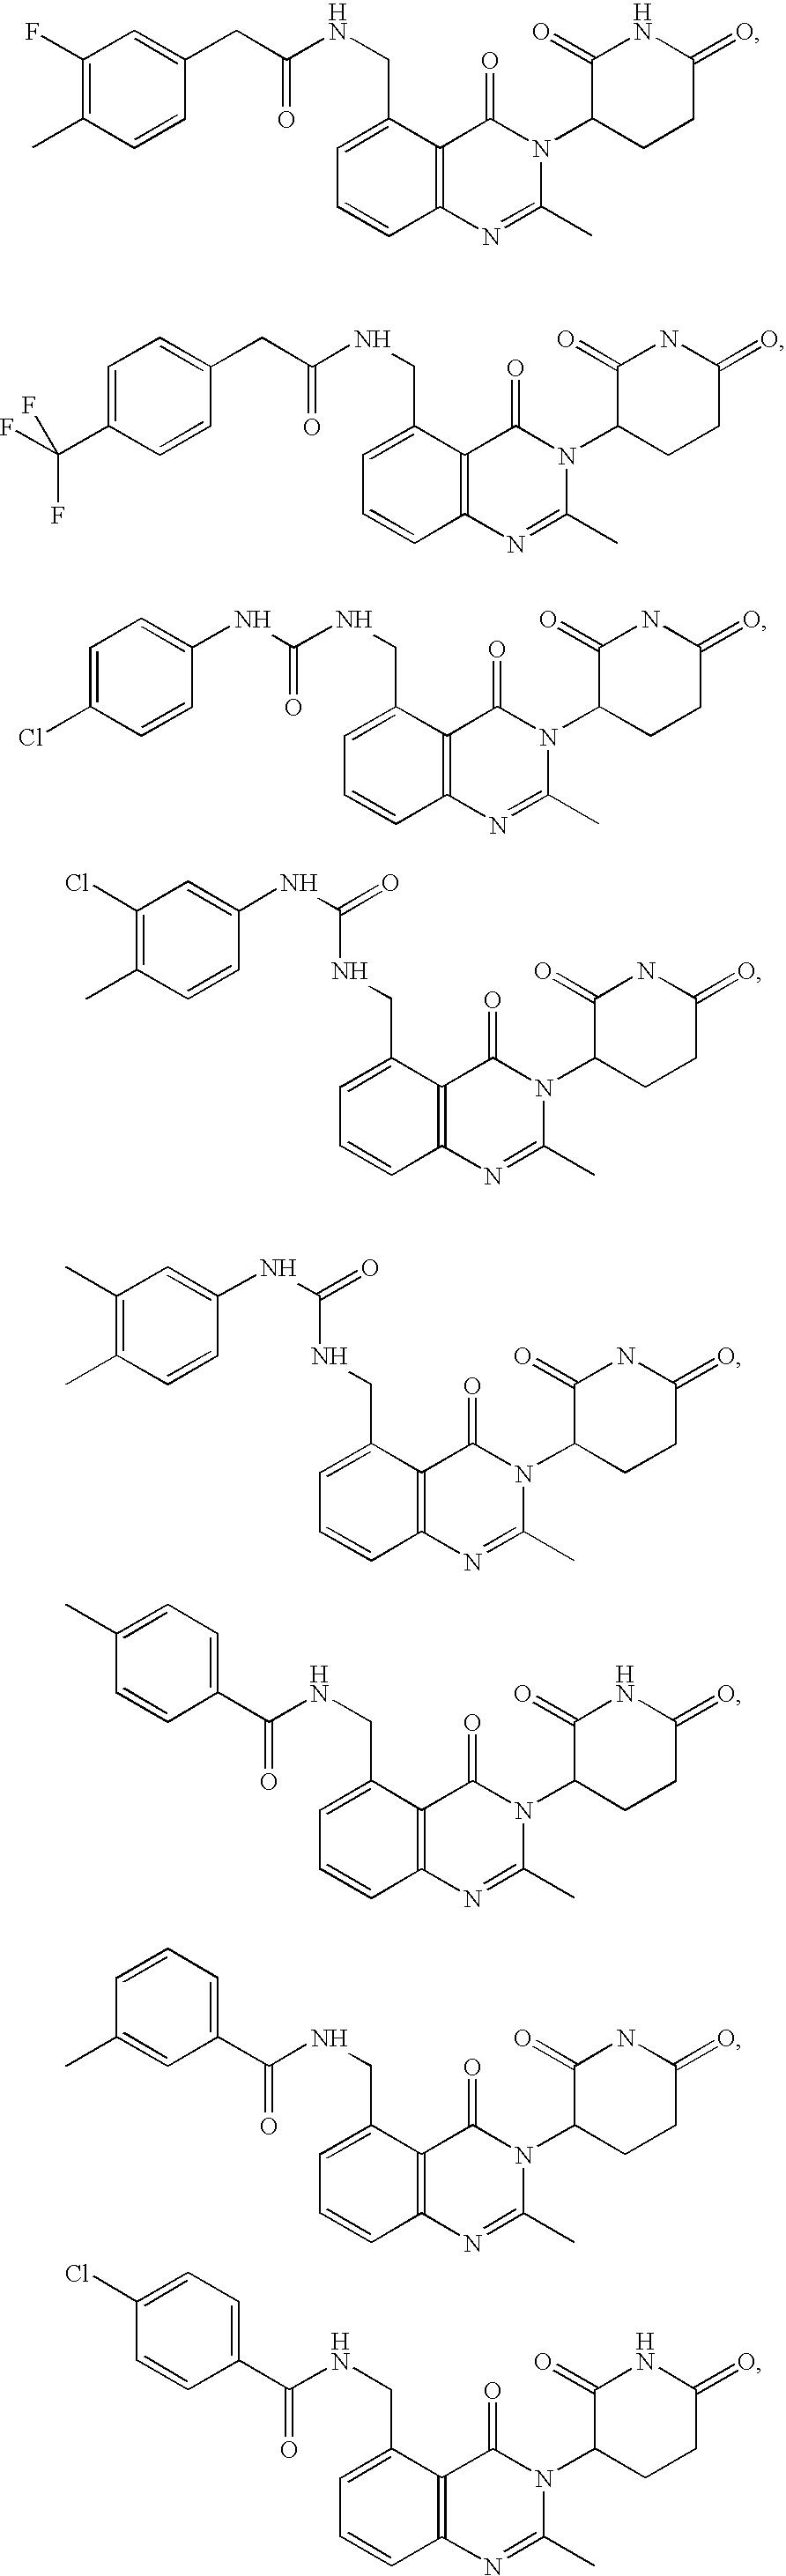 Figure US07635700-20091222-C00082